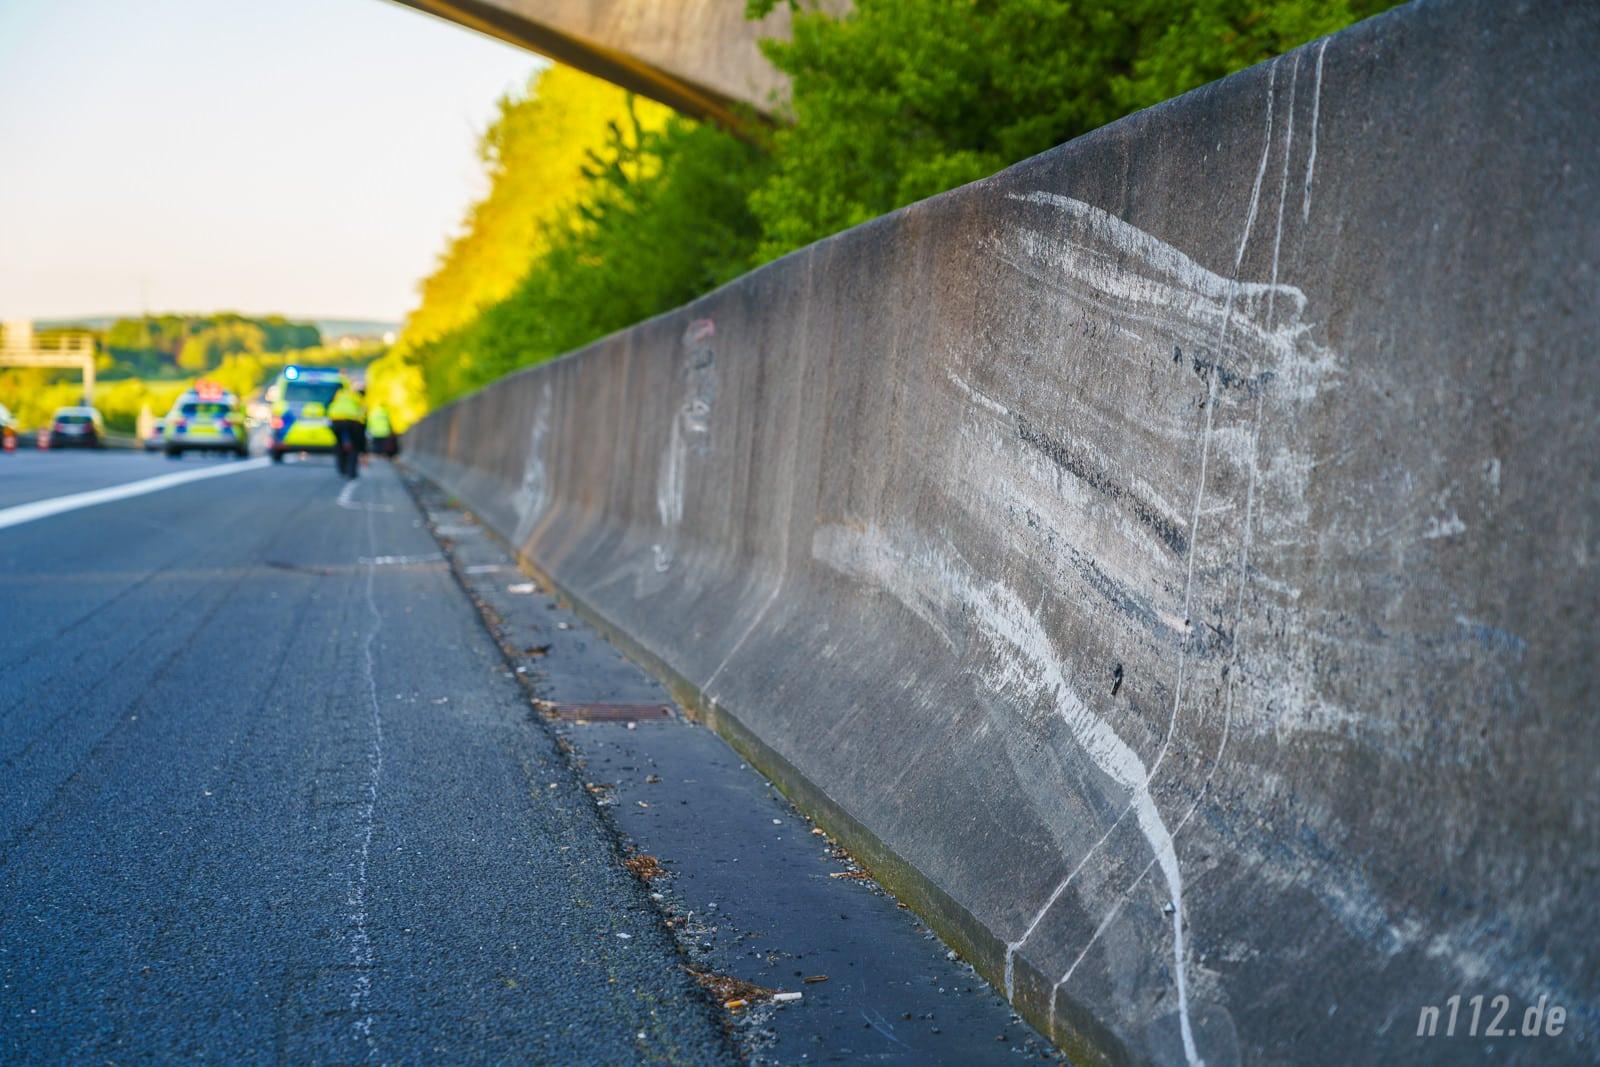 Mehrere hundert Meter lang schrammte der Audi immer wieder an der Betonmauer entlang (Foto: Stefan Simonsen/n112.de)